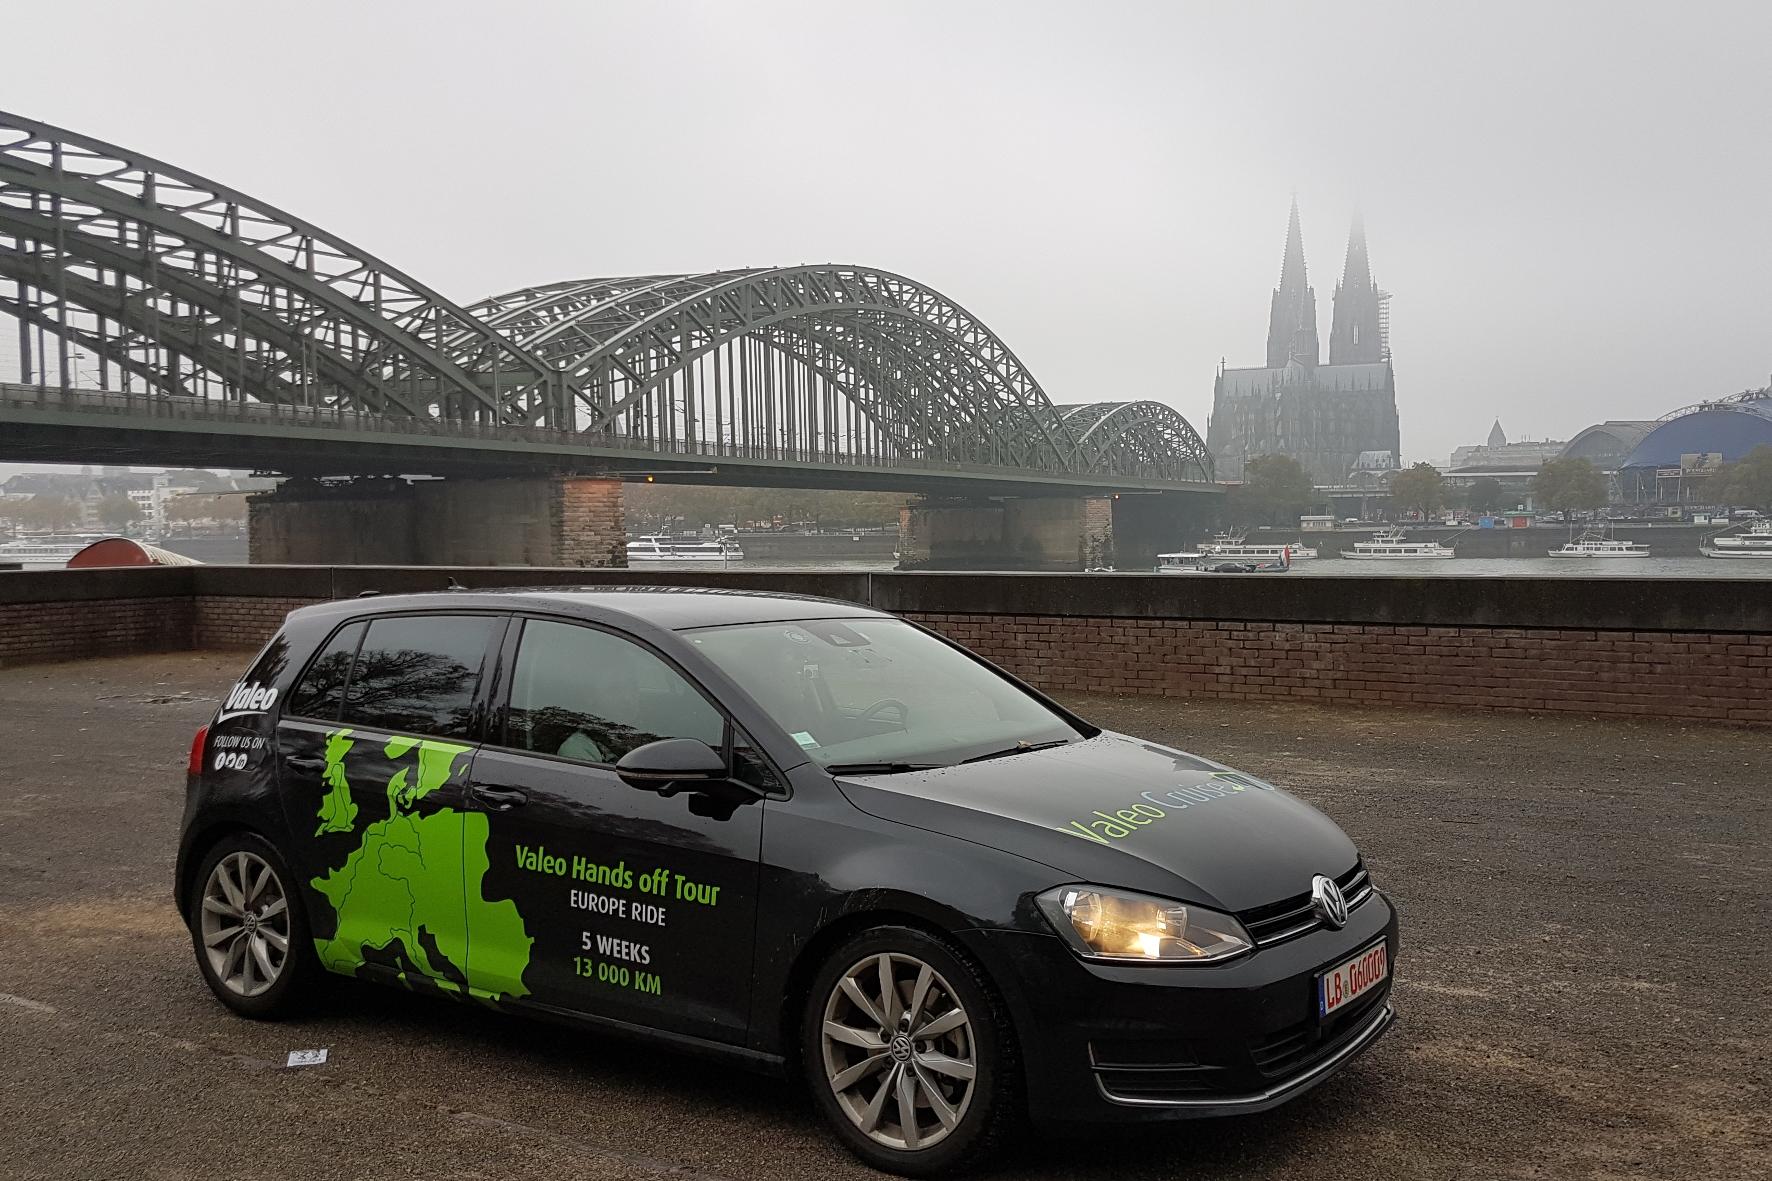 Autonom durch halb Europa mit einem Versuchsfahrzeug unterwegs